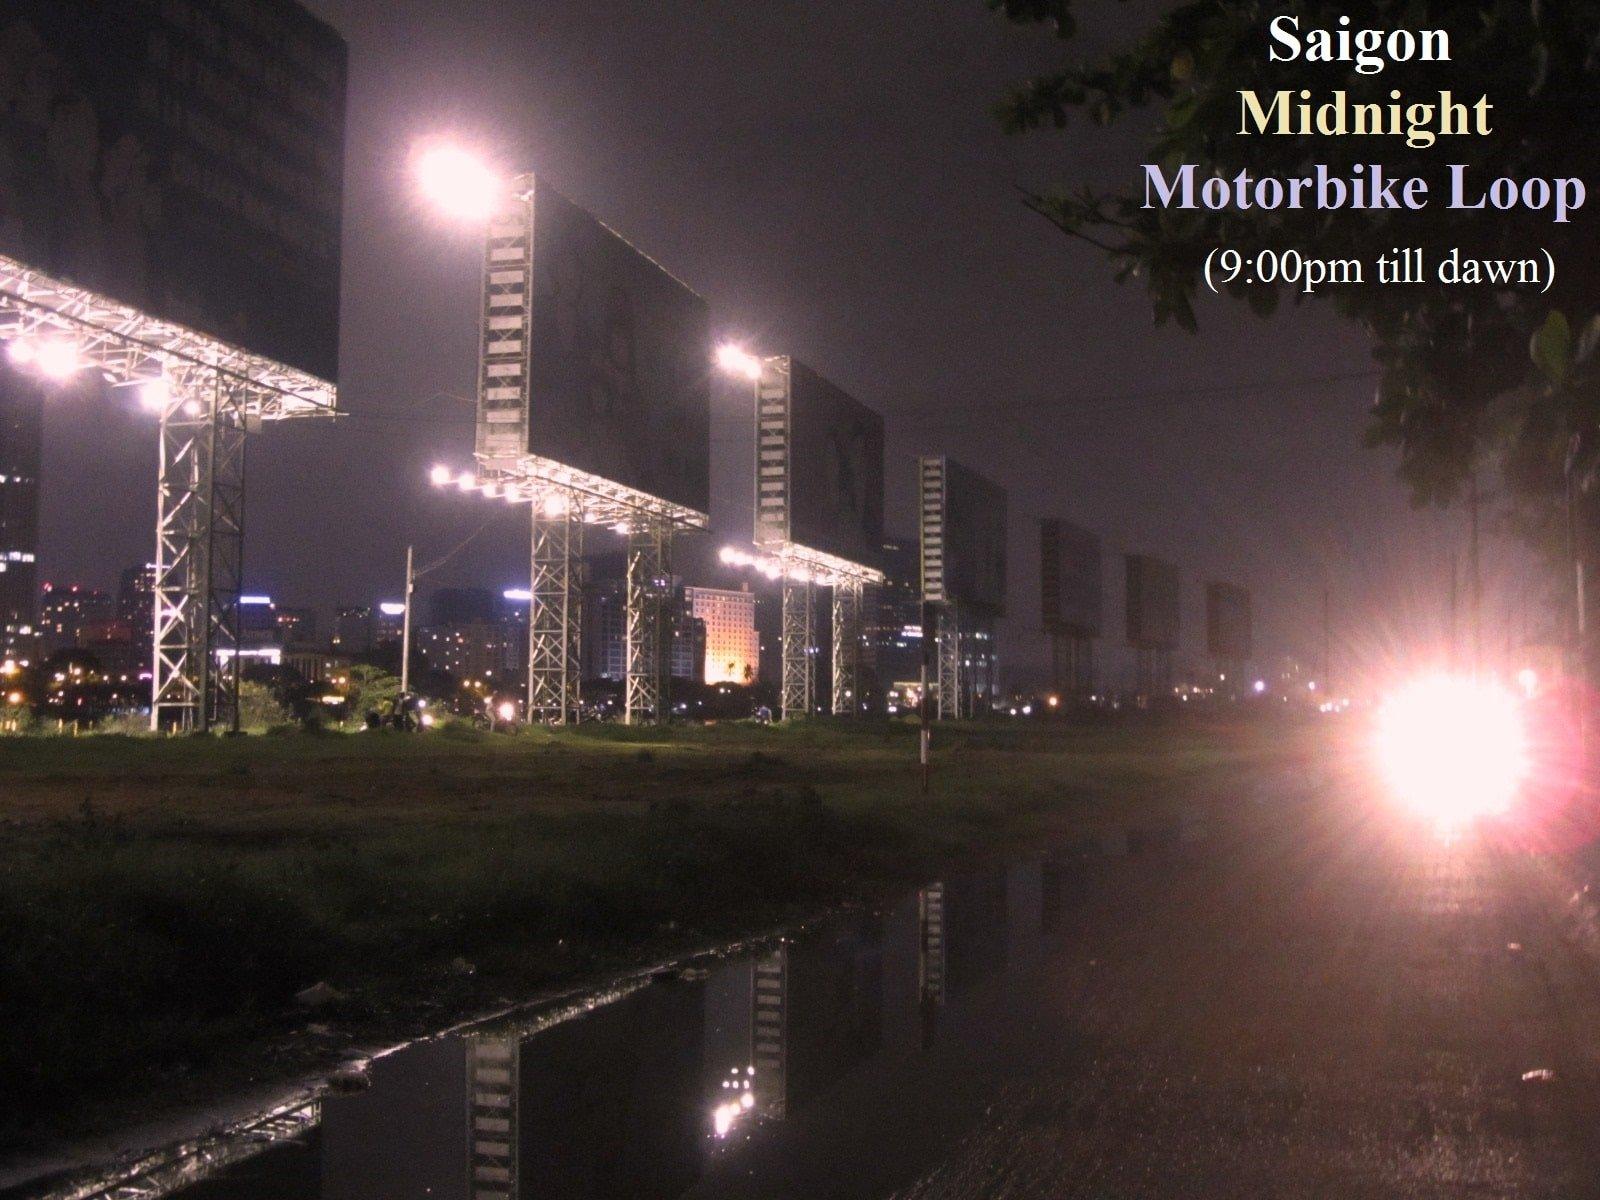 Saigon Midnight Motorbike Loop, Ho Chi Minh City, Vietnam